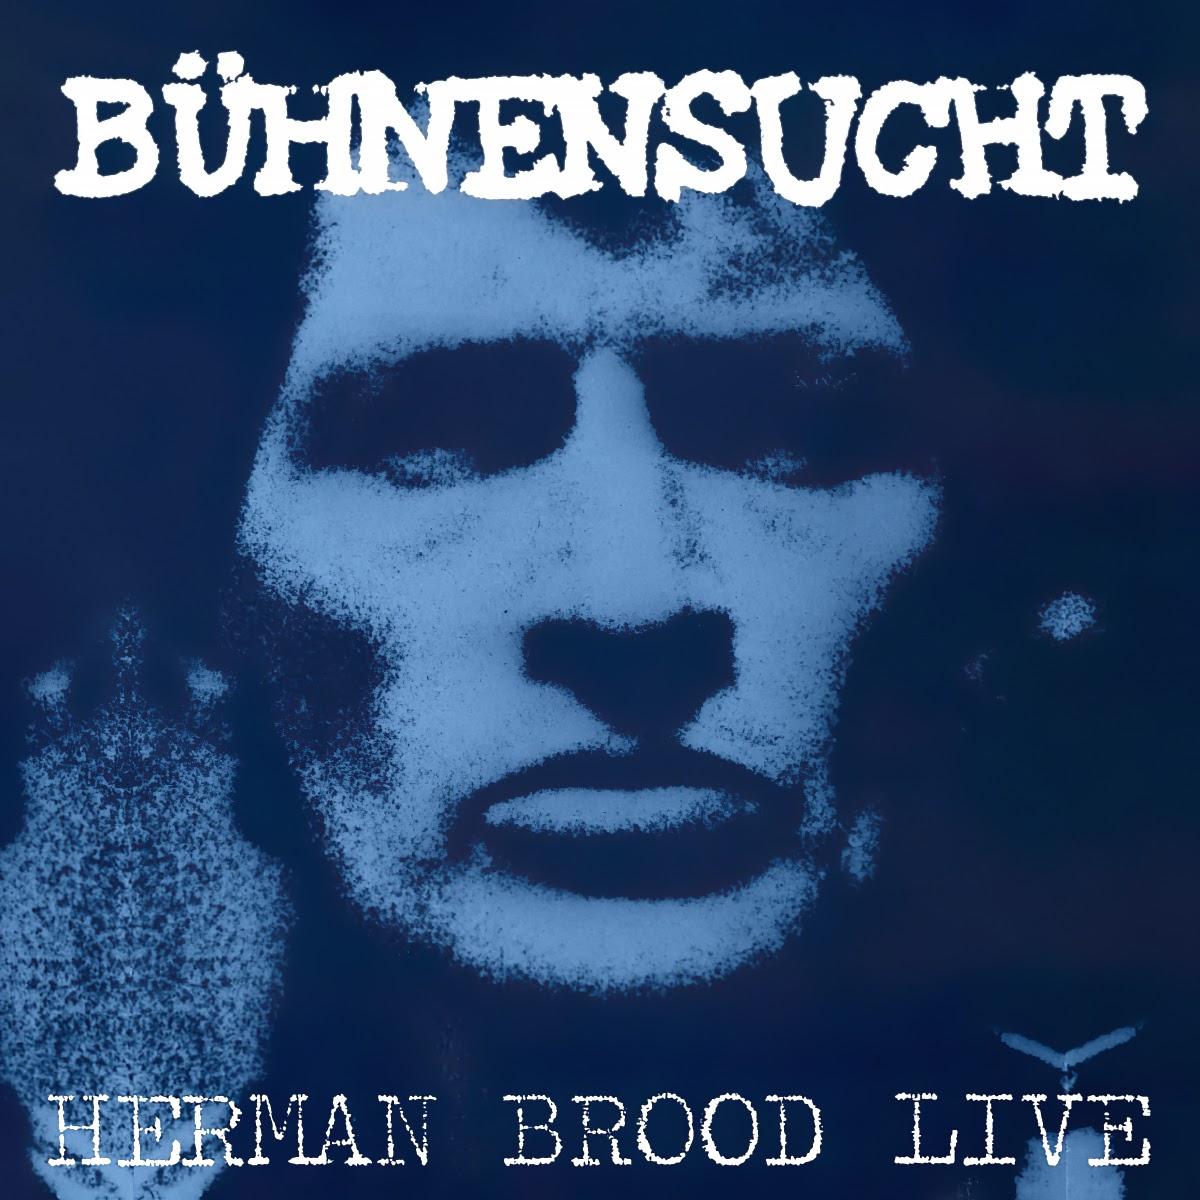 Album Artist: Herman Brood & His Wild Romance / Album Title: Bühnensucht (Herman Brood Live)